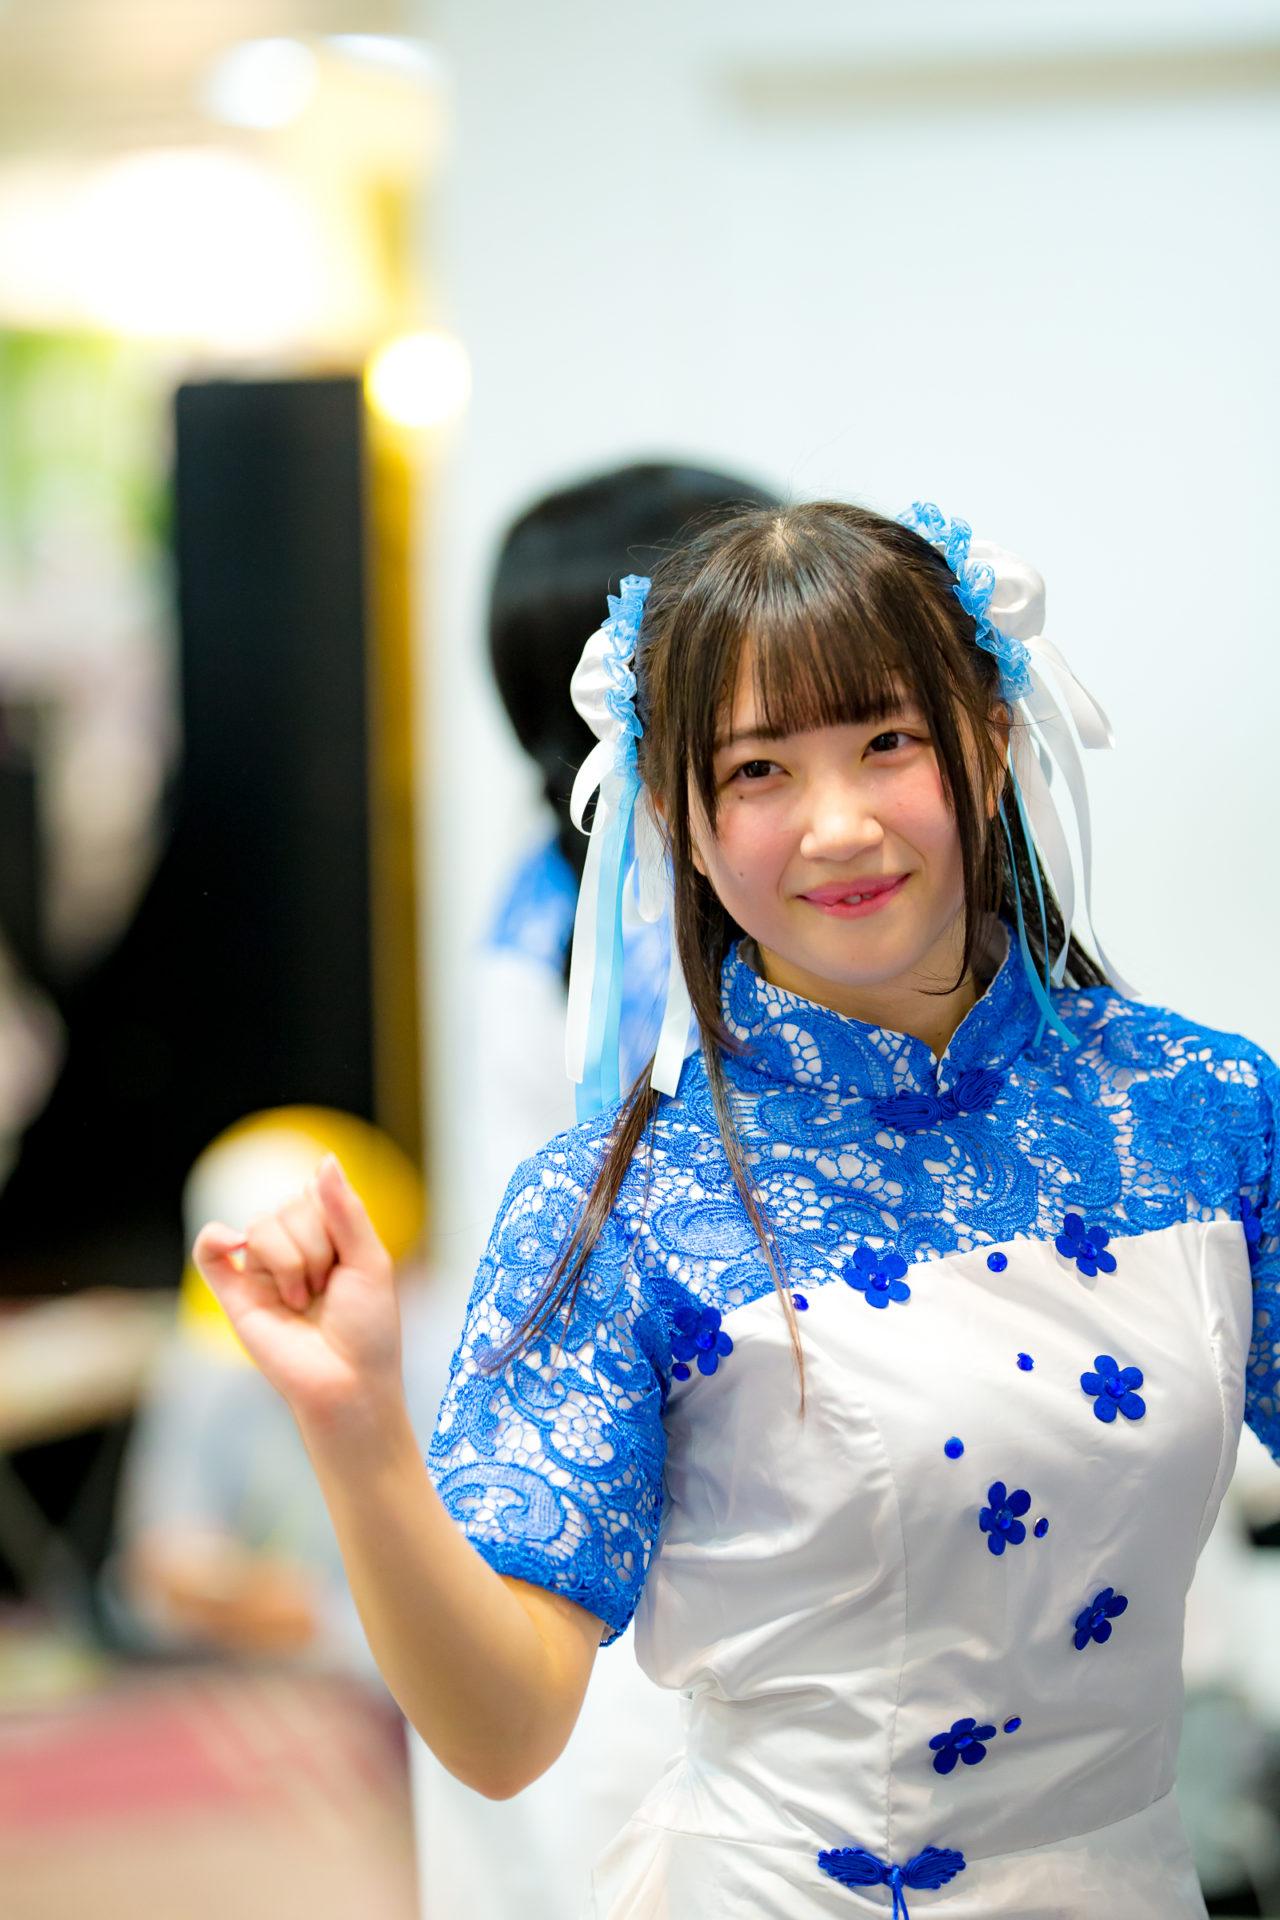 2代目HAPPY少女♪ きょうか ( 山田京佳 ) | HMVプレゼンツライブプロマンスリーLIVE